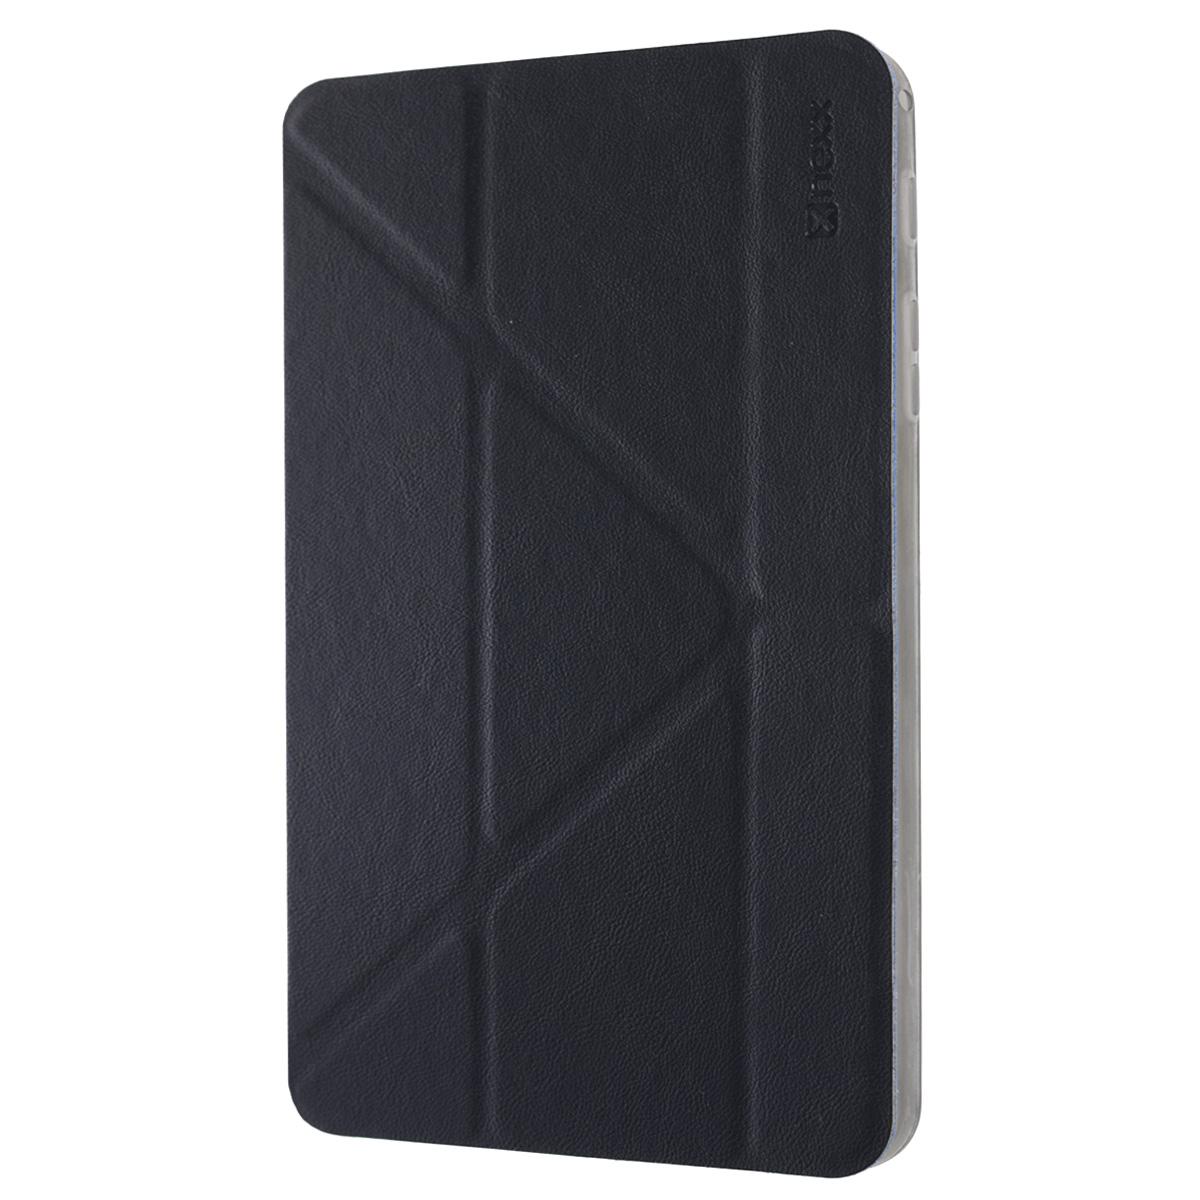 Nexx Smartt чехол для Samsung Galaxy Tab 4 8, BlueNX-TPC-ST-208-DBЗащитный чехол Nexx Smartt для Samsung Galaxy Tab 4 8. Коллекция чехлов Smartt сочетает в себе функциональность и надежность. Особенностью чехла является его способность принимать форму вашего планшета и сливаться с ним воедино, практически не увеличивая вес и габариты. Конструкция крышки чехла со встроенными магнитами позволяет разместить смартфон в удобном положении.